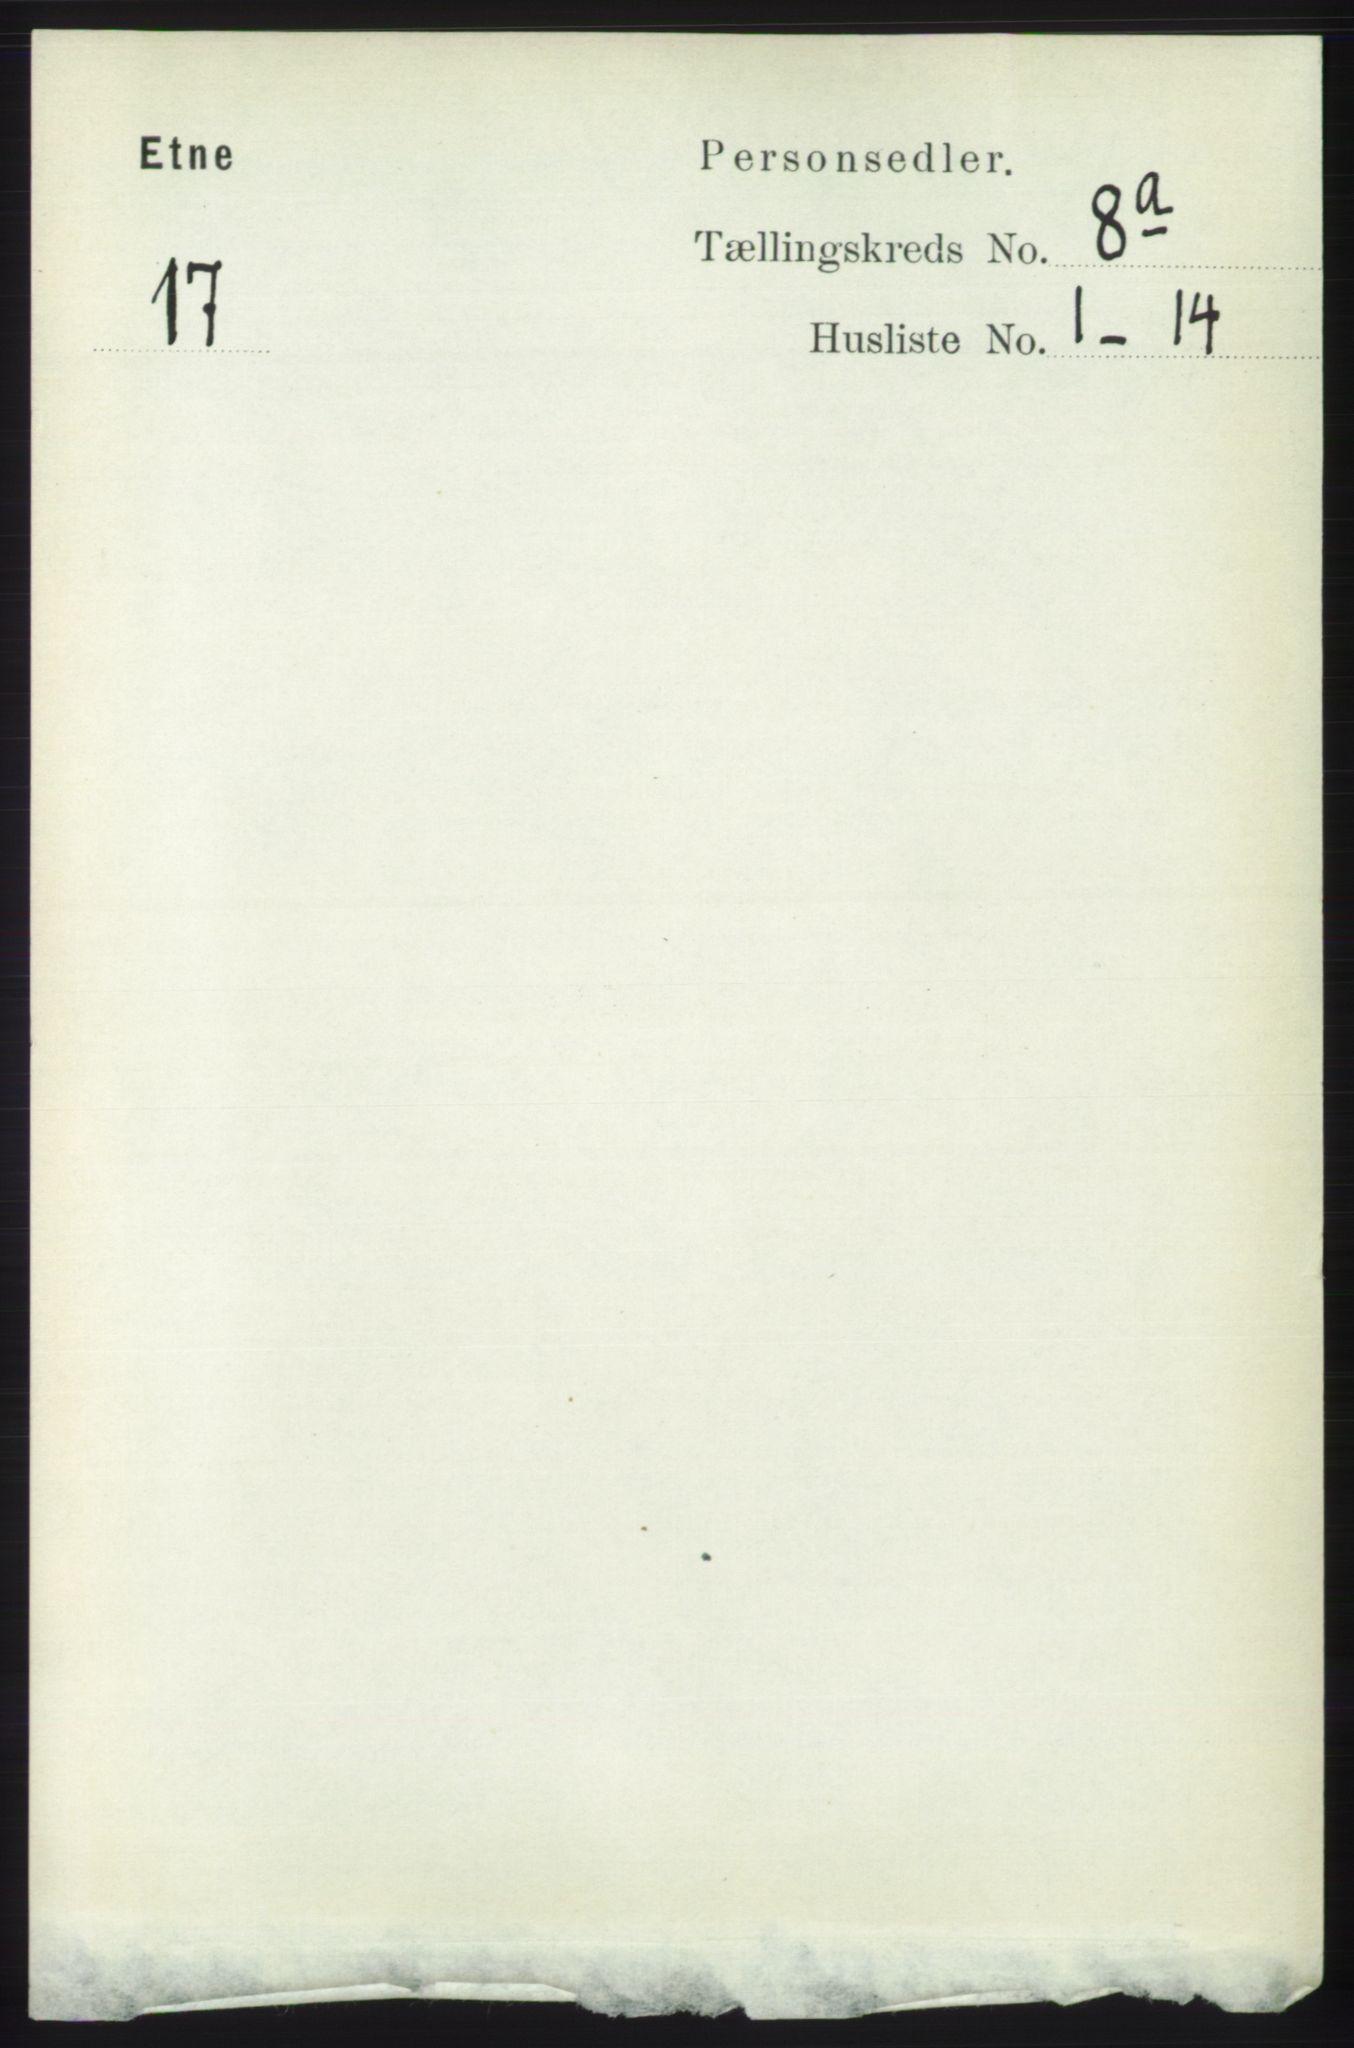 RA, Folketelling 1891 for 1211 Etne herred, 1891, s. 1538